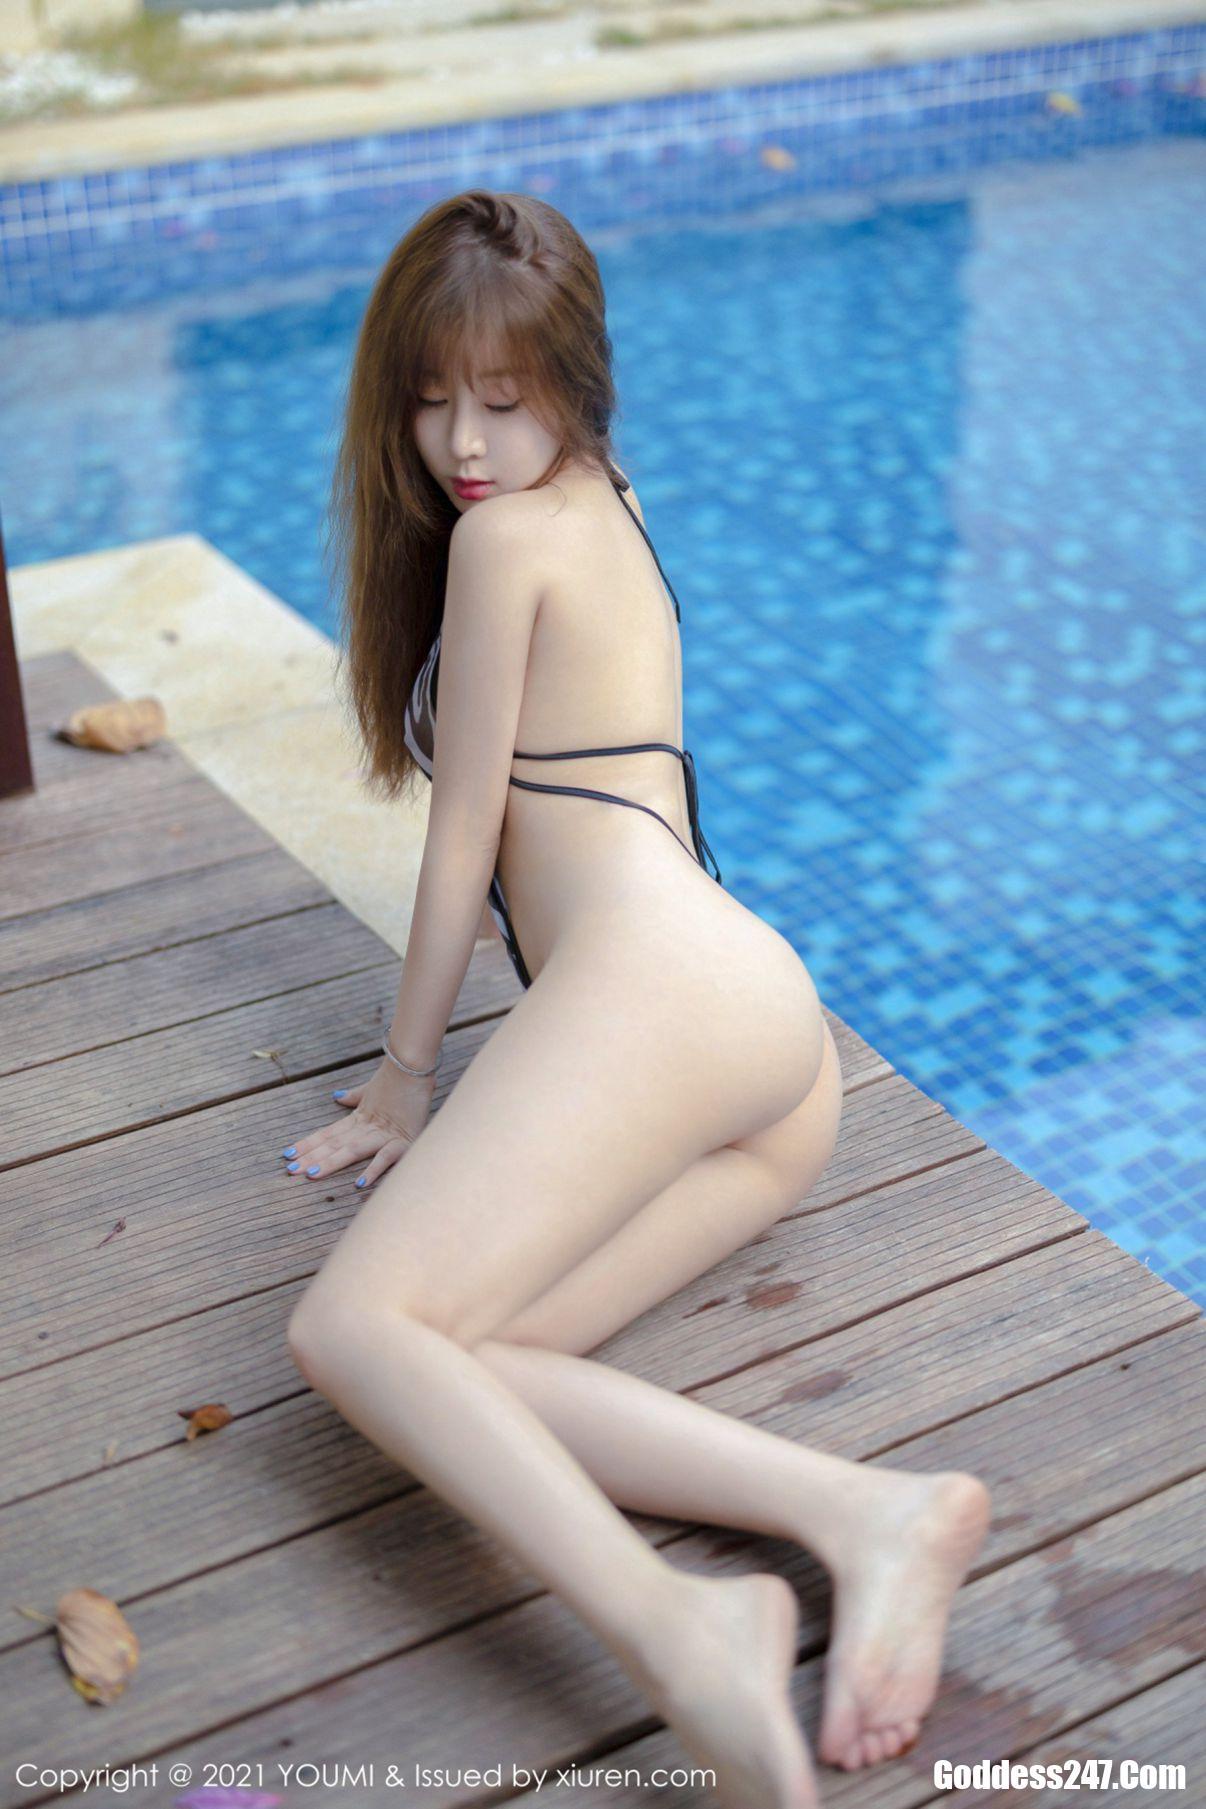 王雨纯, YouMi尤蜜荟 Vol.644 王雨纯, YouMi尤蜜荟 Vol.644, Wang Yu Chun